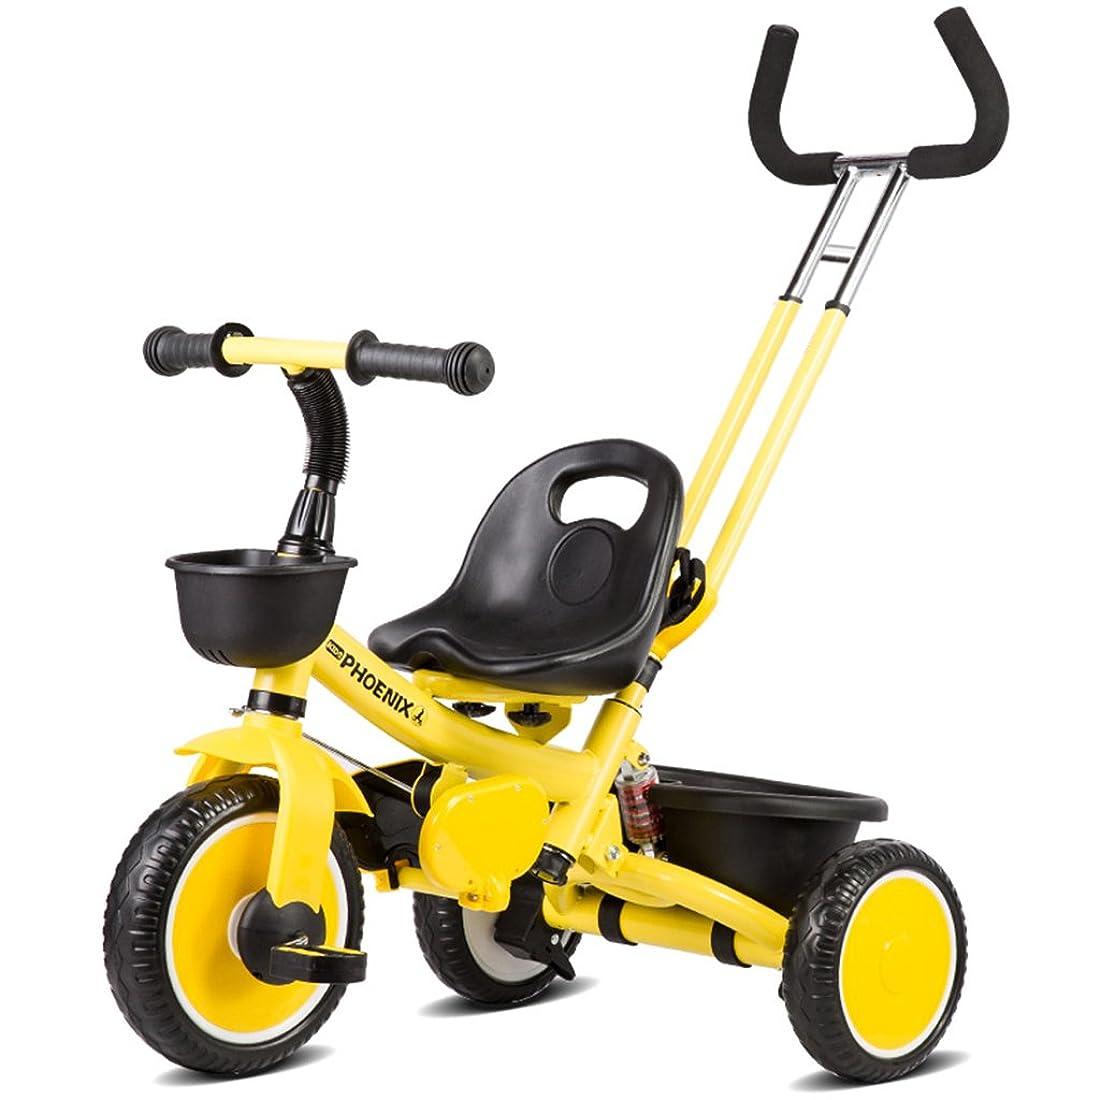 負担赤本会議HAIZHEN マウンテンバイク 子供の三輪車6ヶ月 - 5歳180°回転式シート自転車調節可能なプッシュロッドEVAフォームダンピングホイール調節可能な長さのベルトベビーカー 新生児